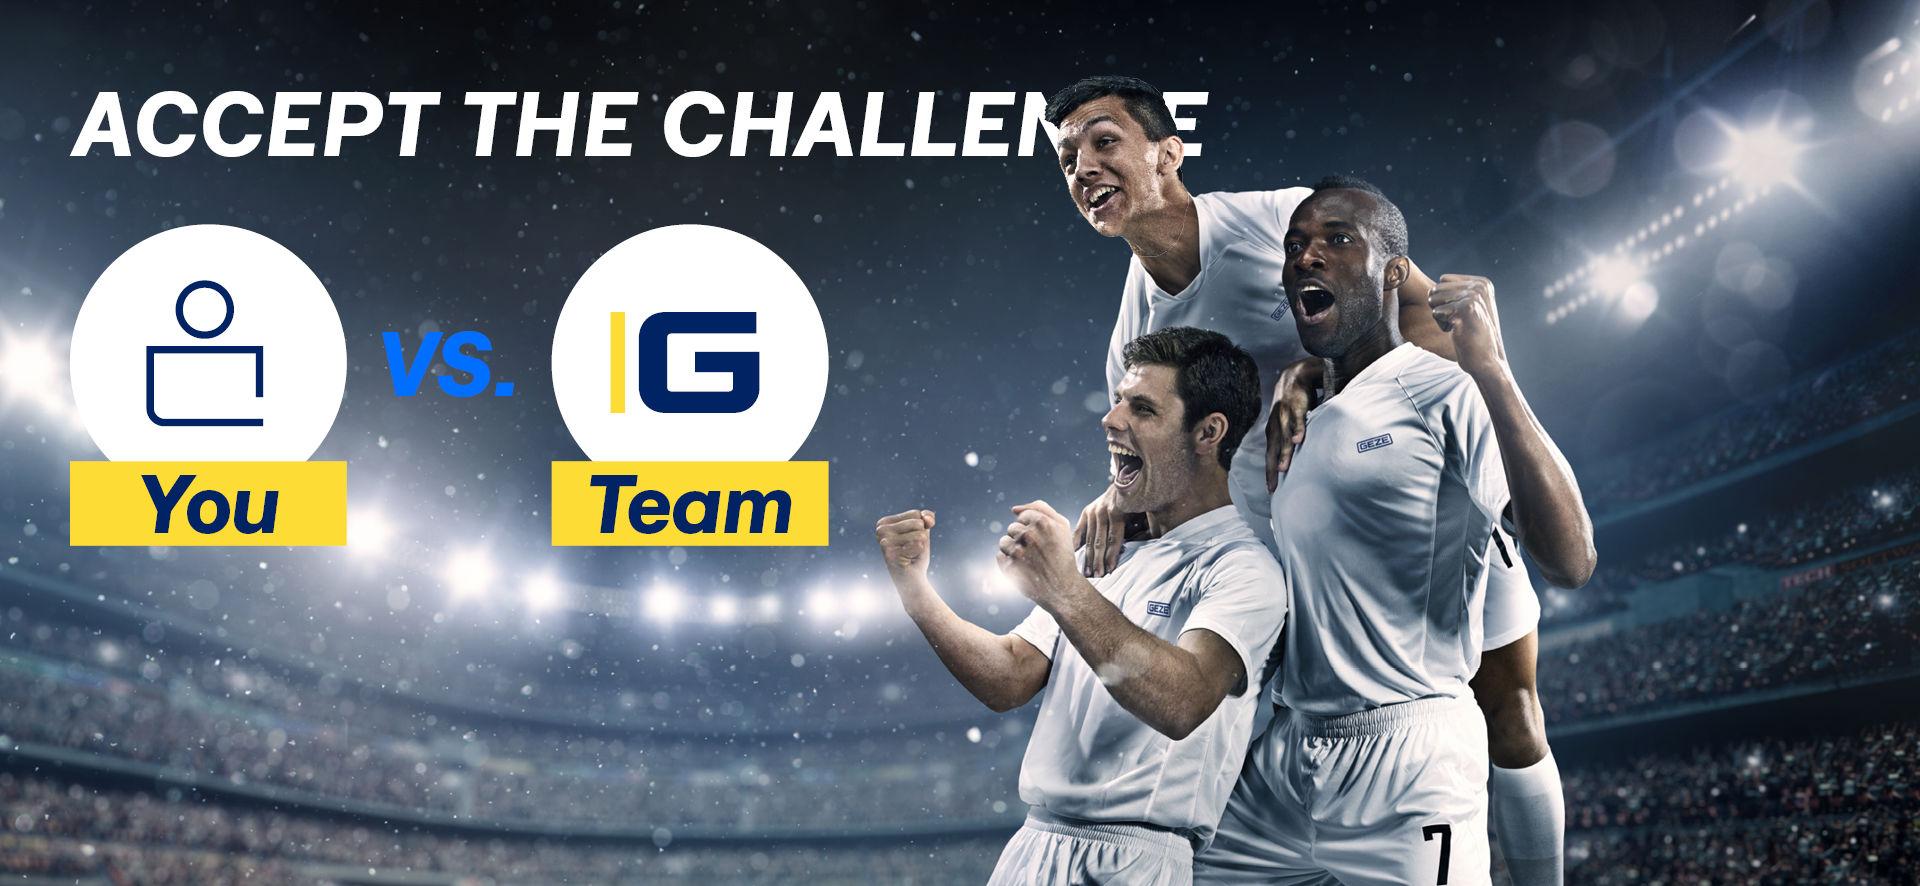 Participe en nuestro gran desafío en Kicktipp con motivo de la Eurocopa!